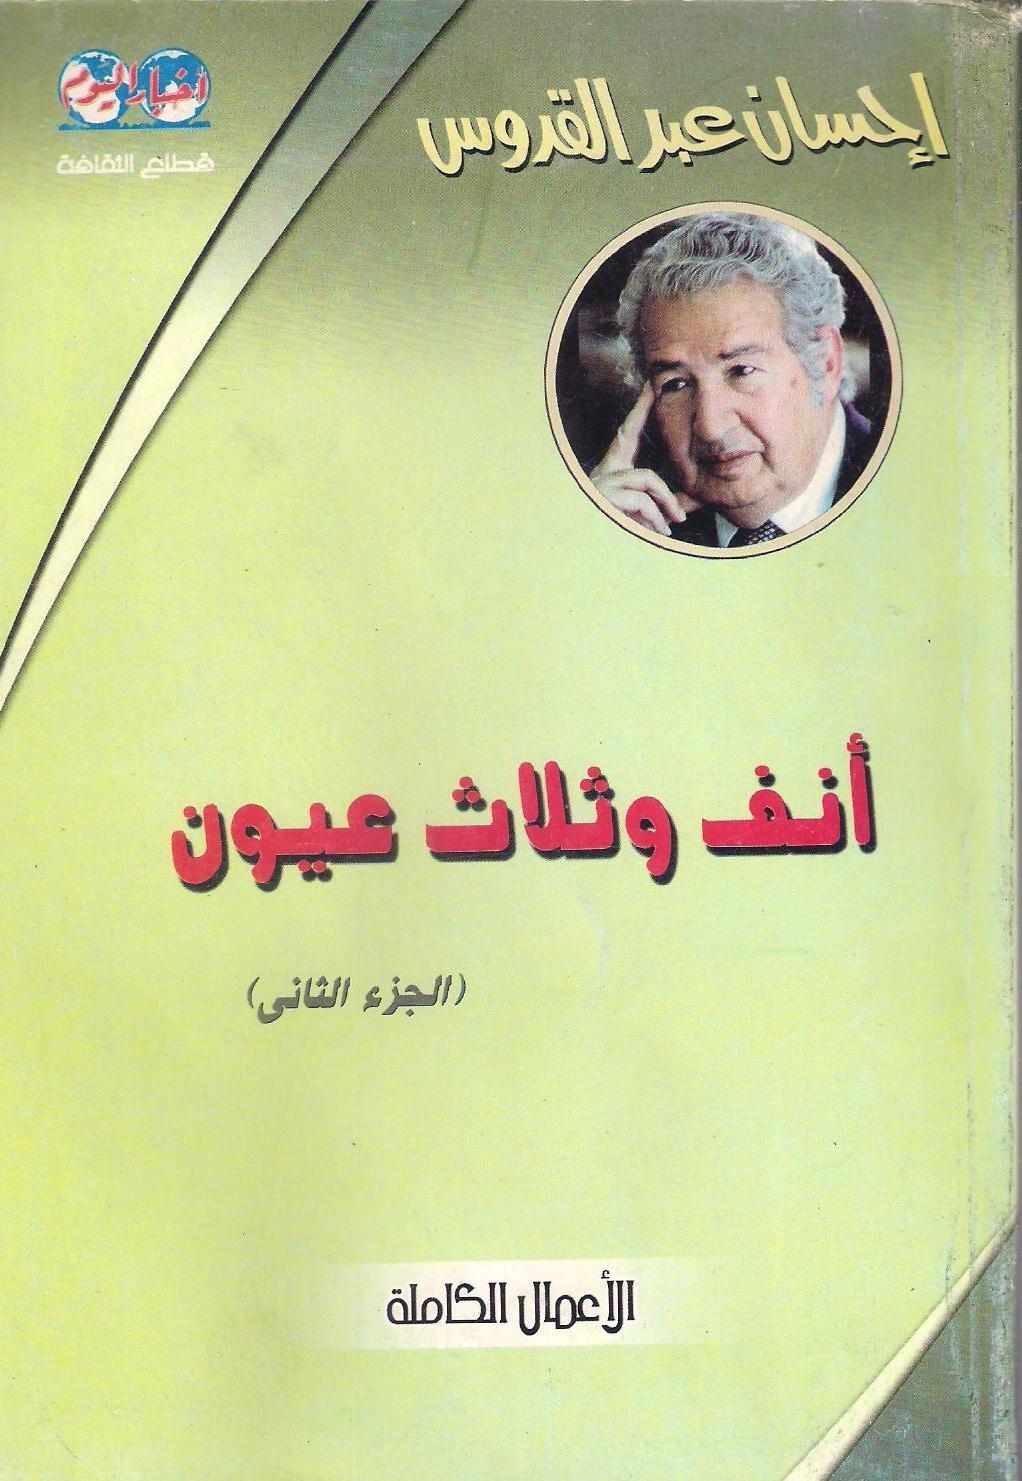 صورة رواية أنف وثلاث عيون الجزء الثانى – إحسان عبد القدوس